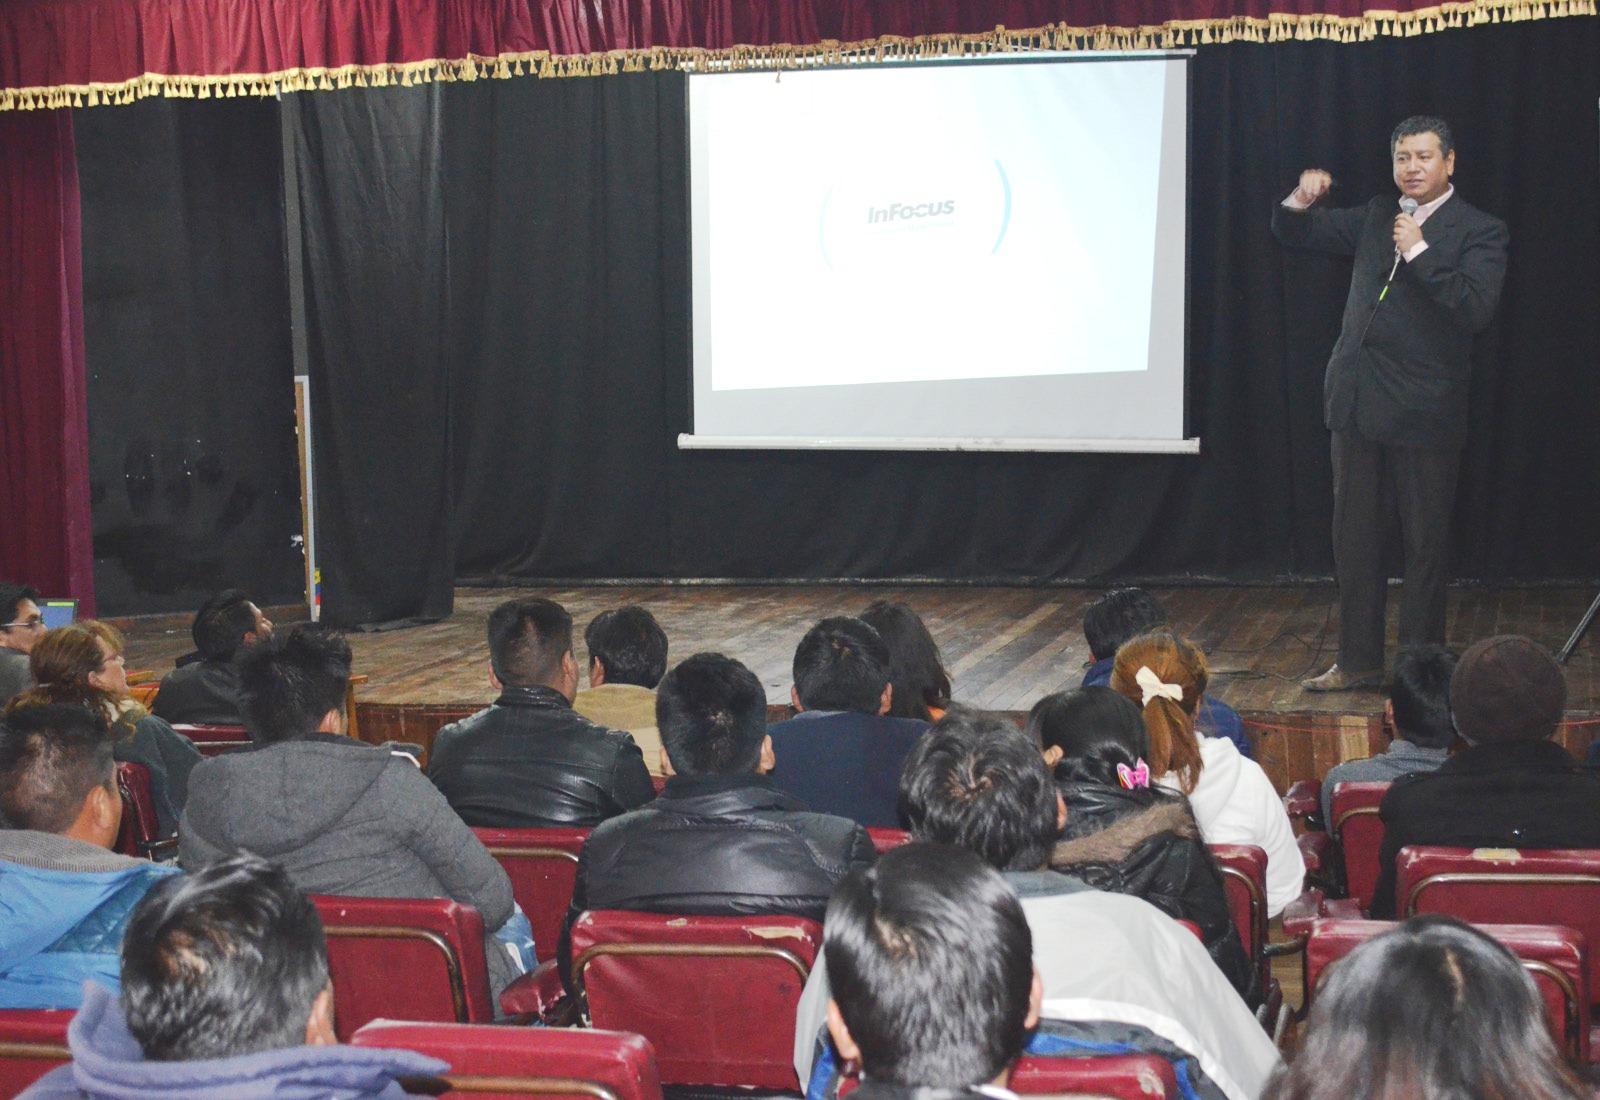 Mundo Virtual y el grupo empresarial Millennial abordaron el tema en El Alto / ALBERTO MEDRANO